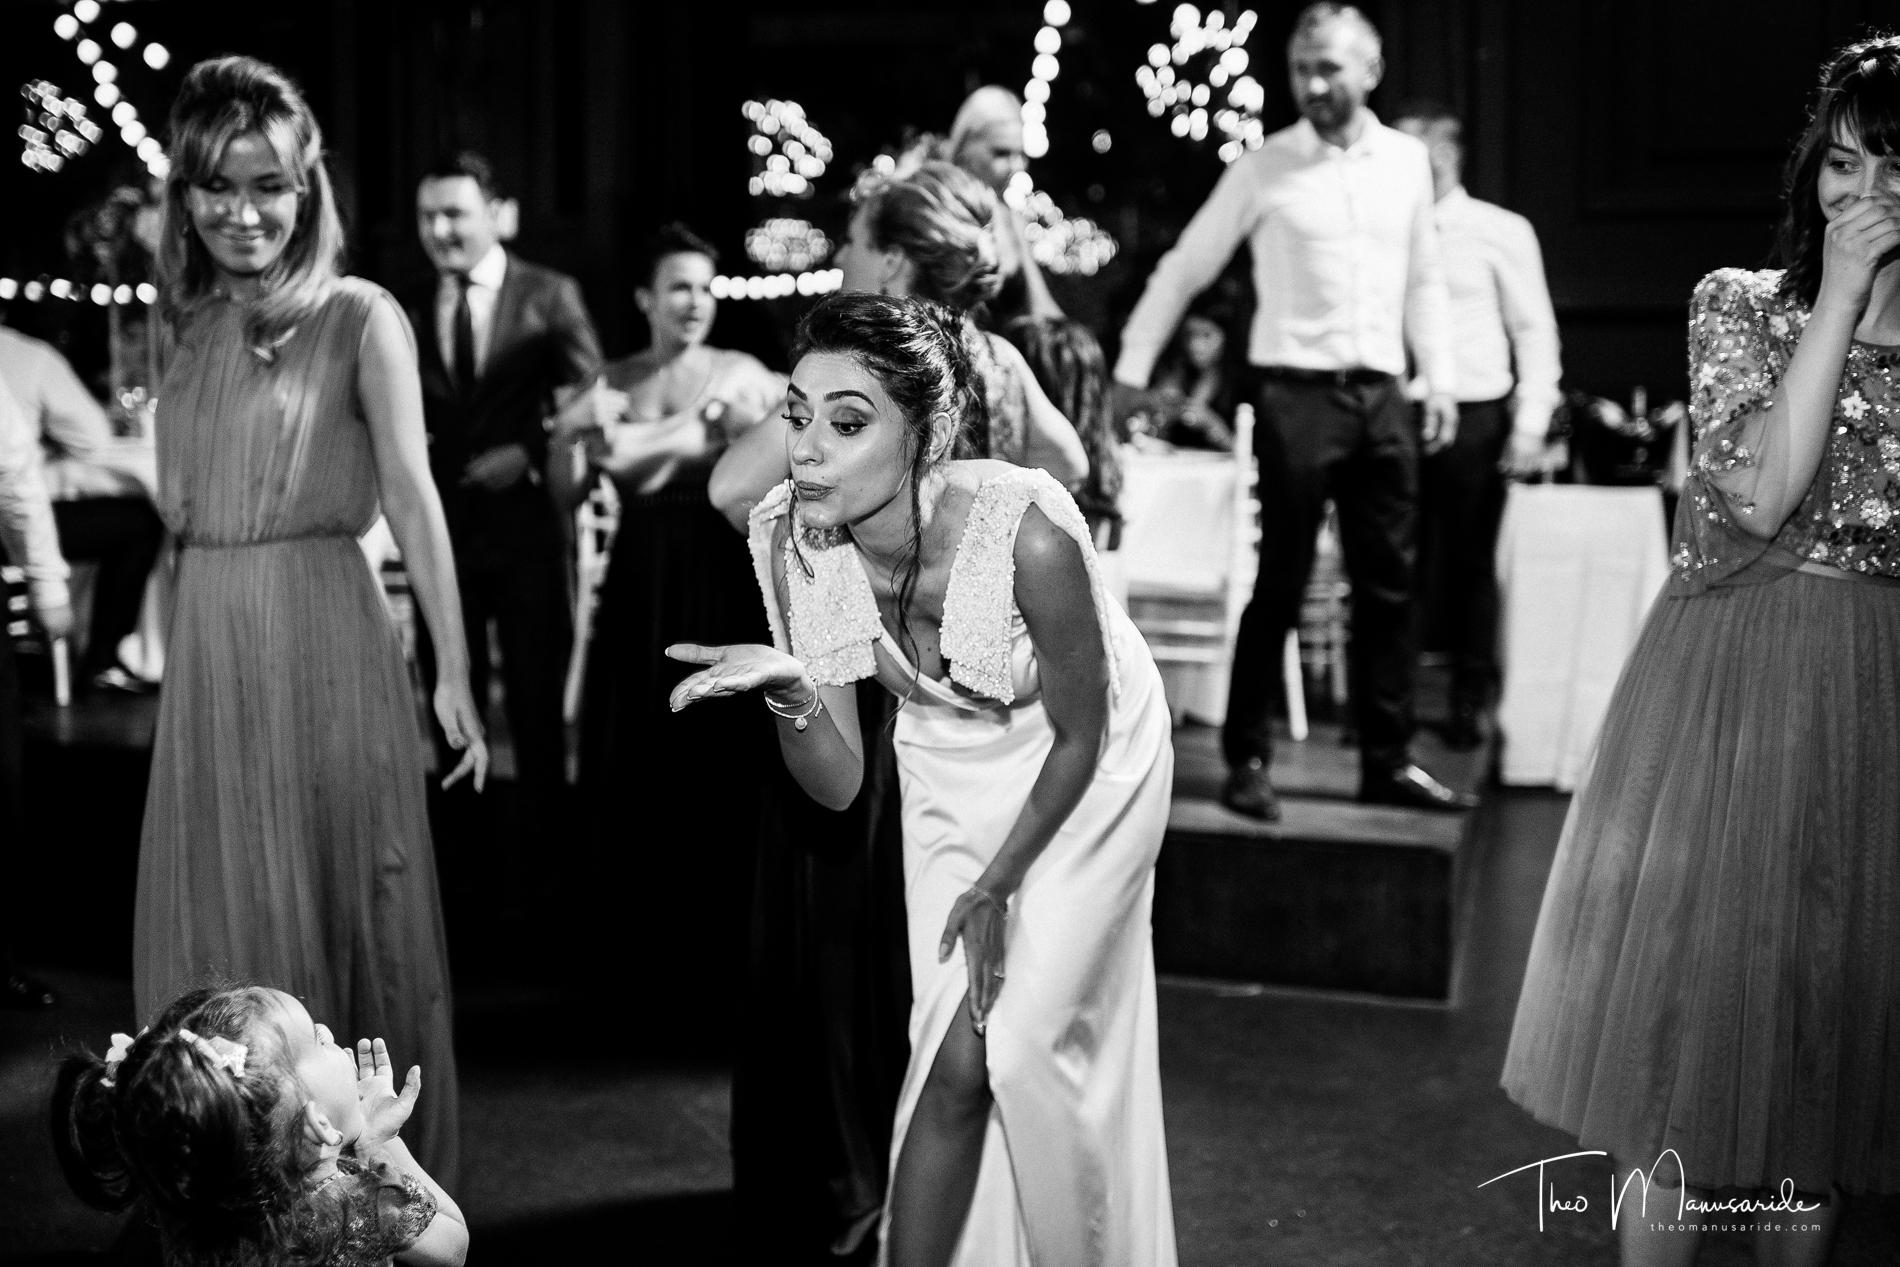 fotograf nunta fratelli-52